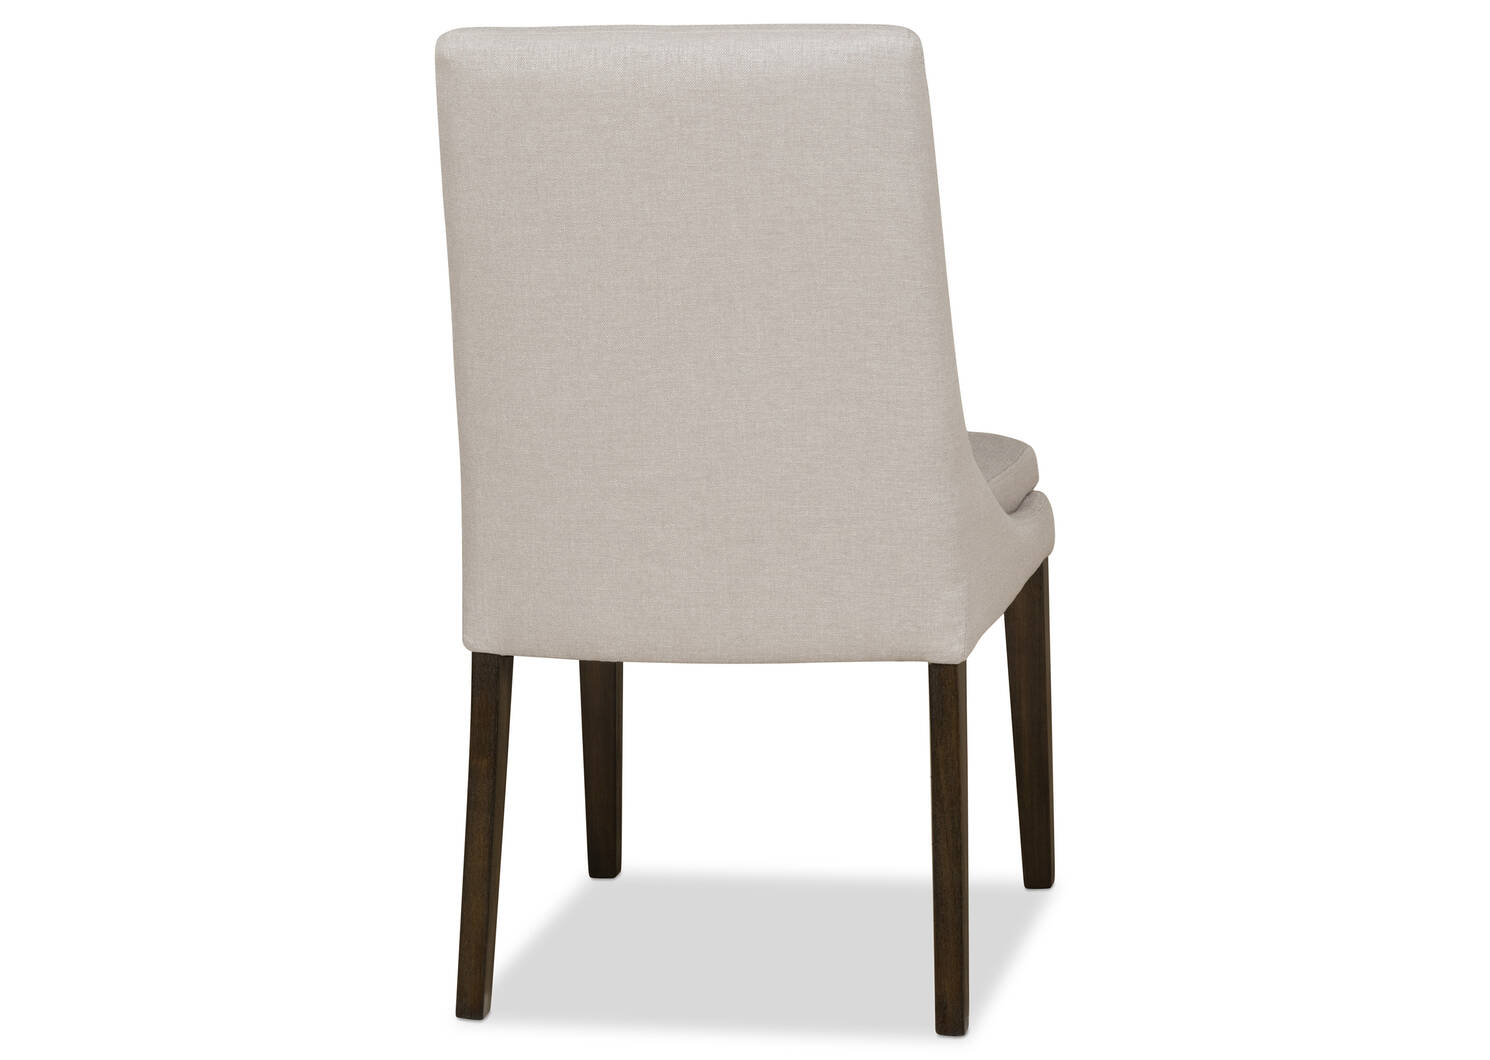 Montana Dining Chair -Kaden Oyster